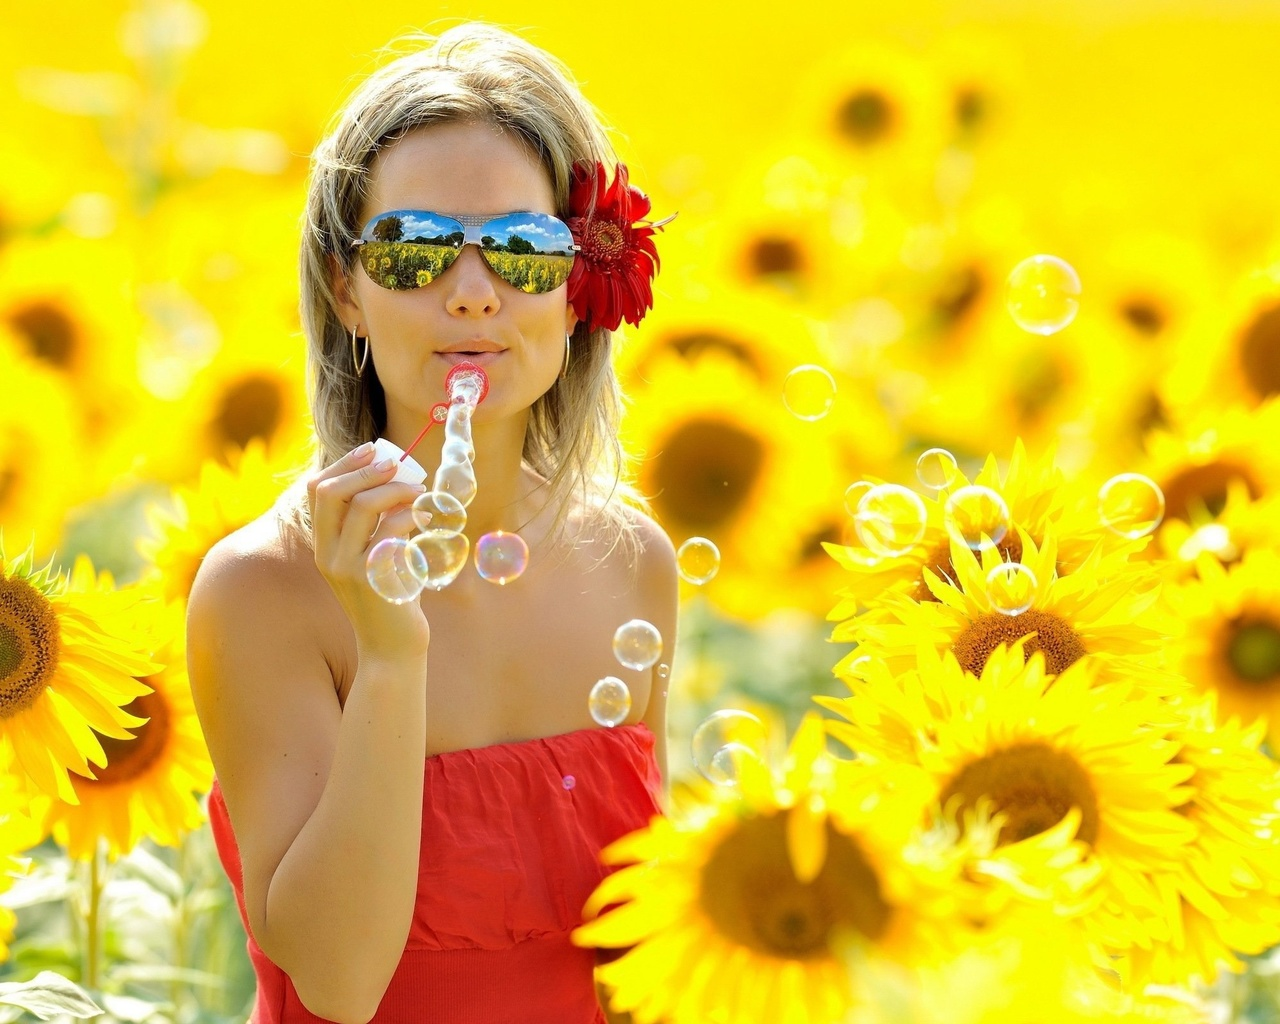 этой юбки смотреть позитив в картинках сезонное растение, естественной